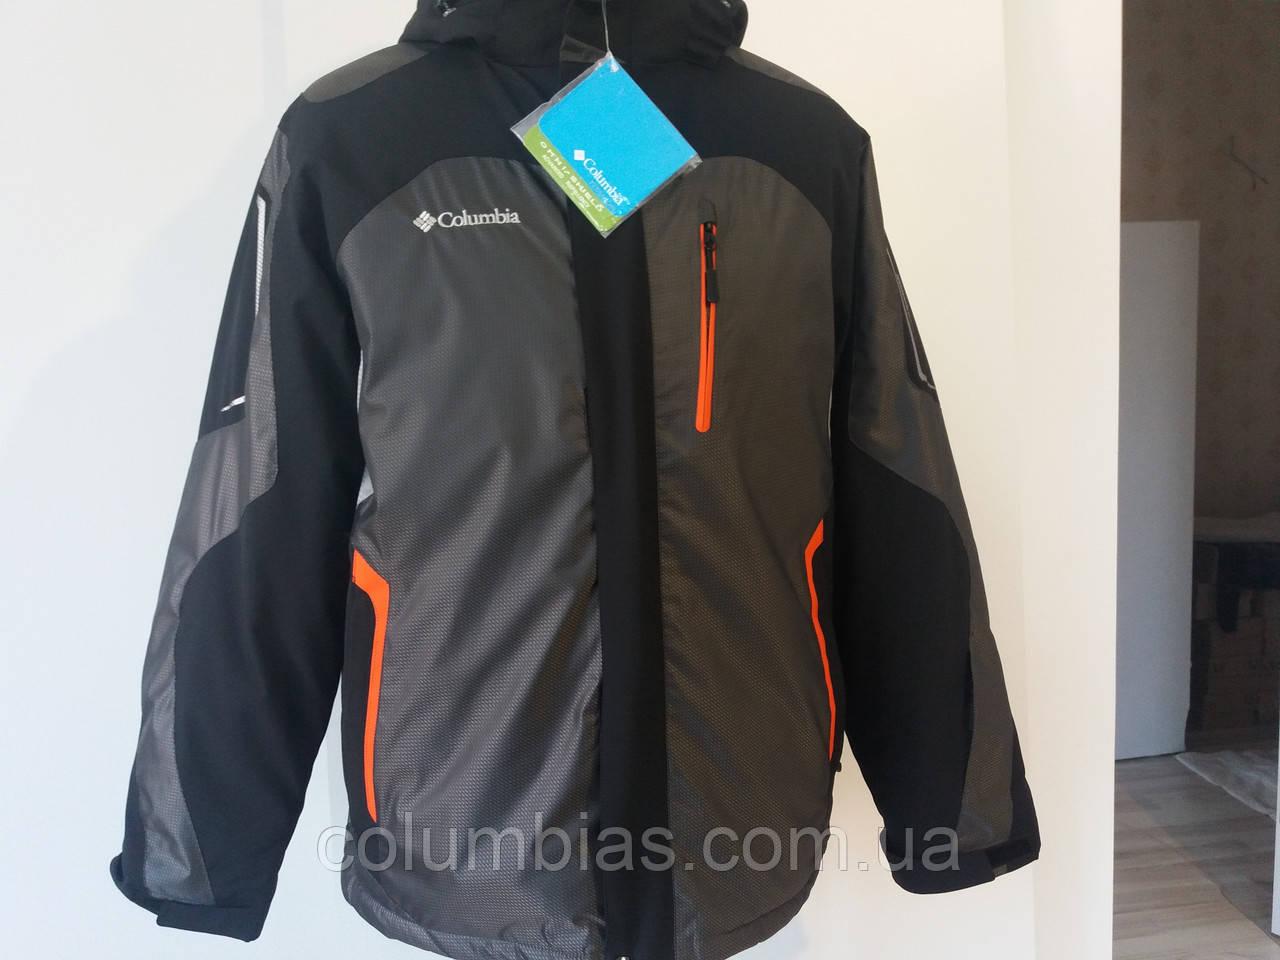 Горнолыжные куртки и костюмы collumbia оптом и розницу 01251a2193530